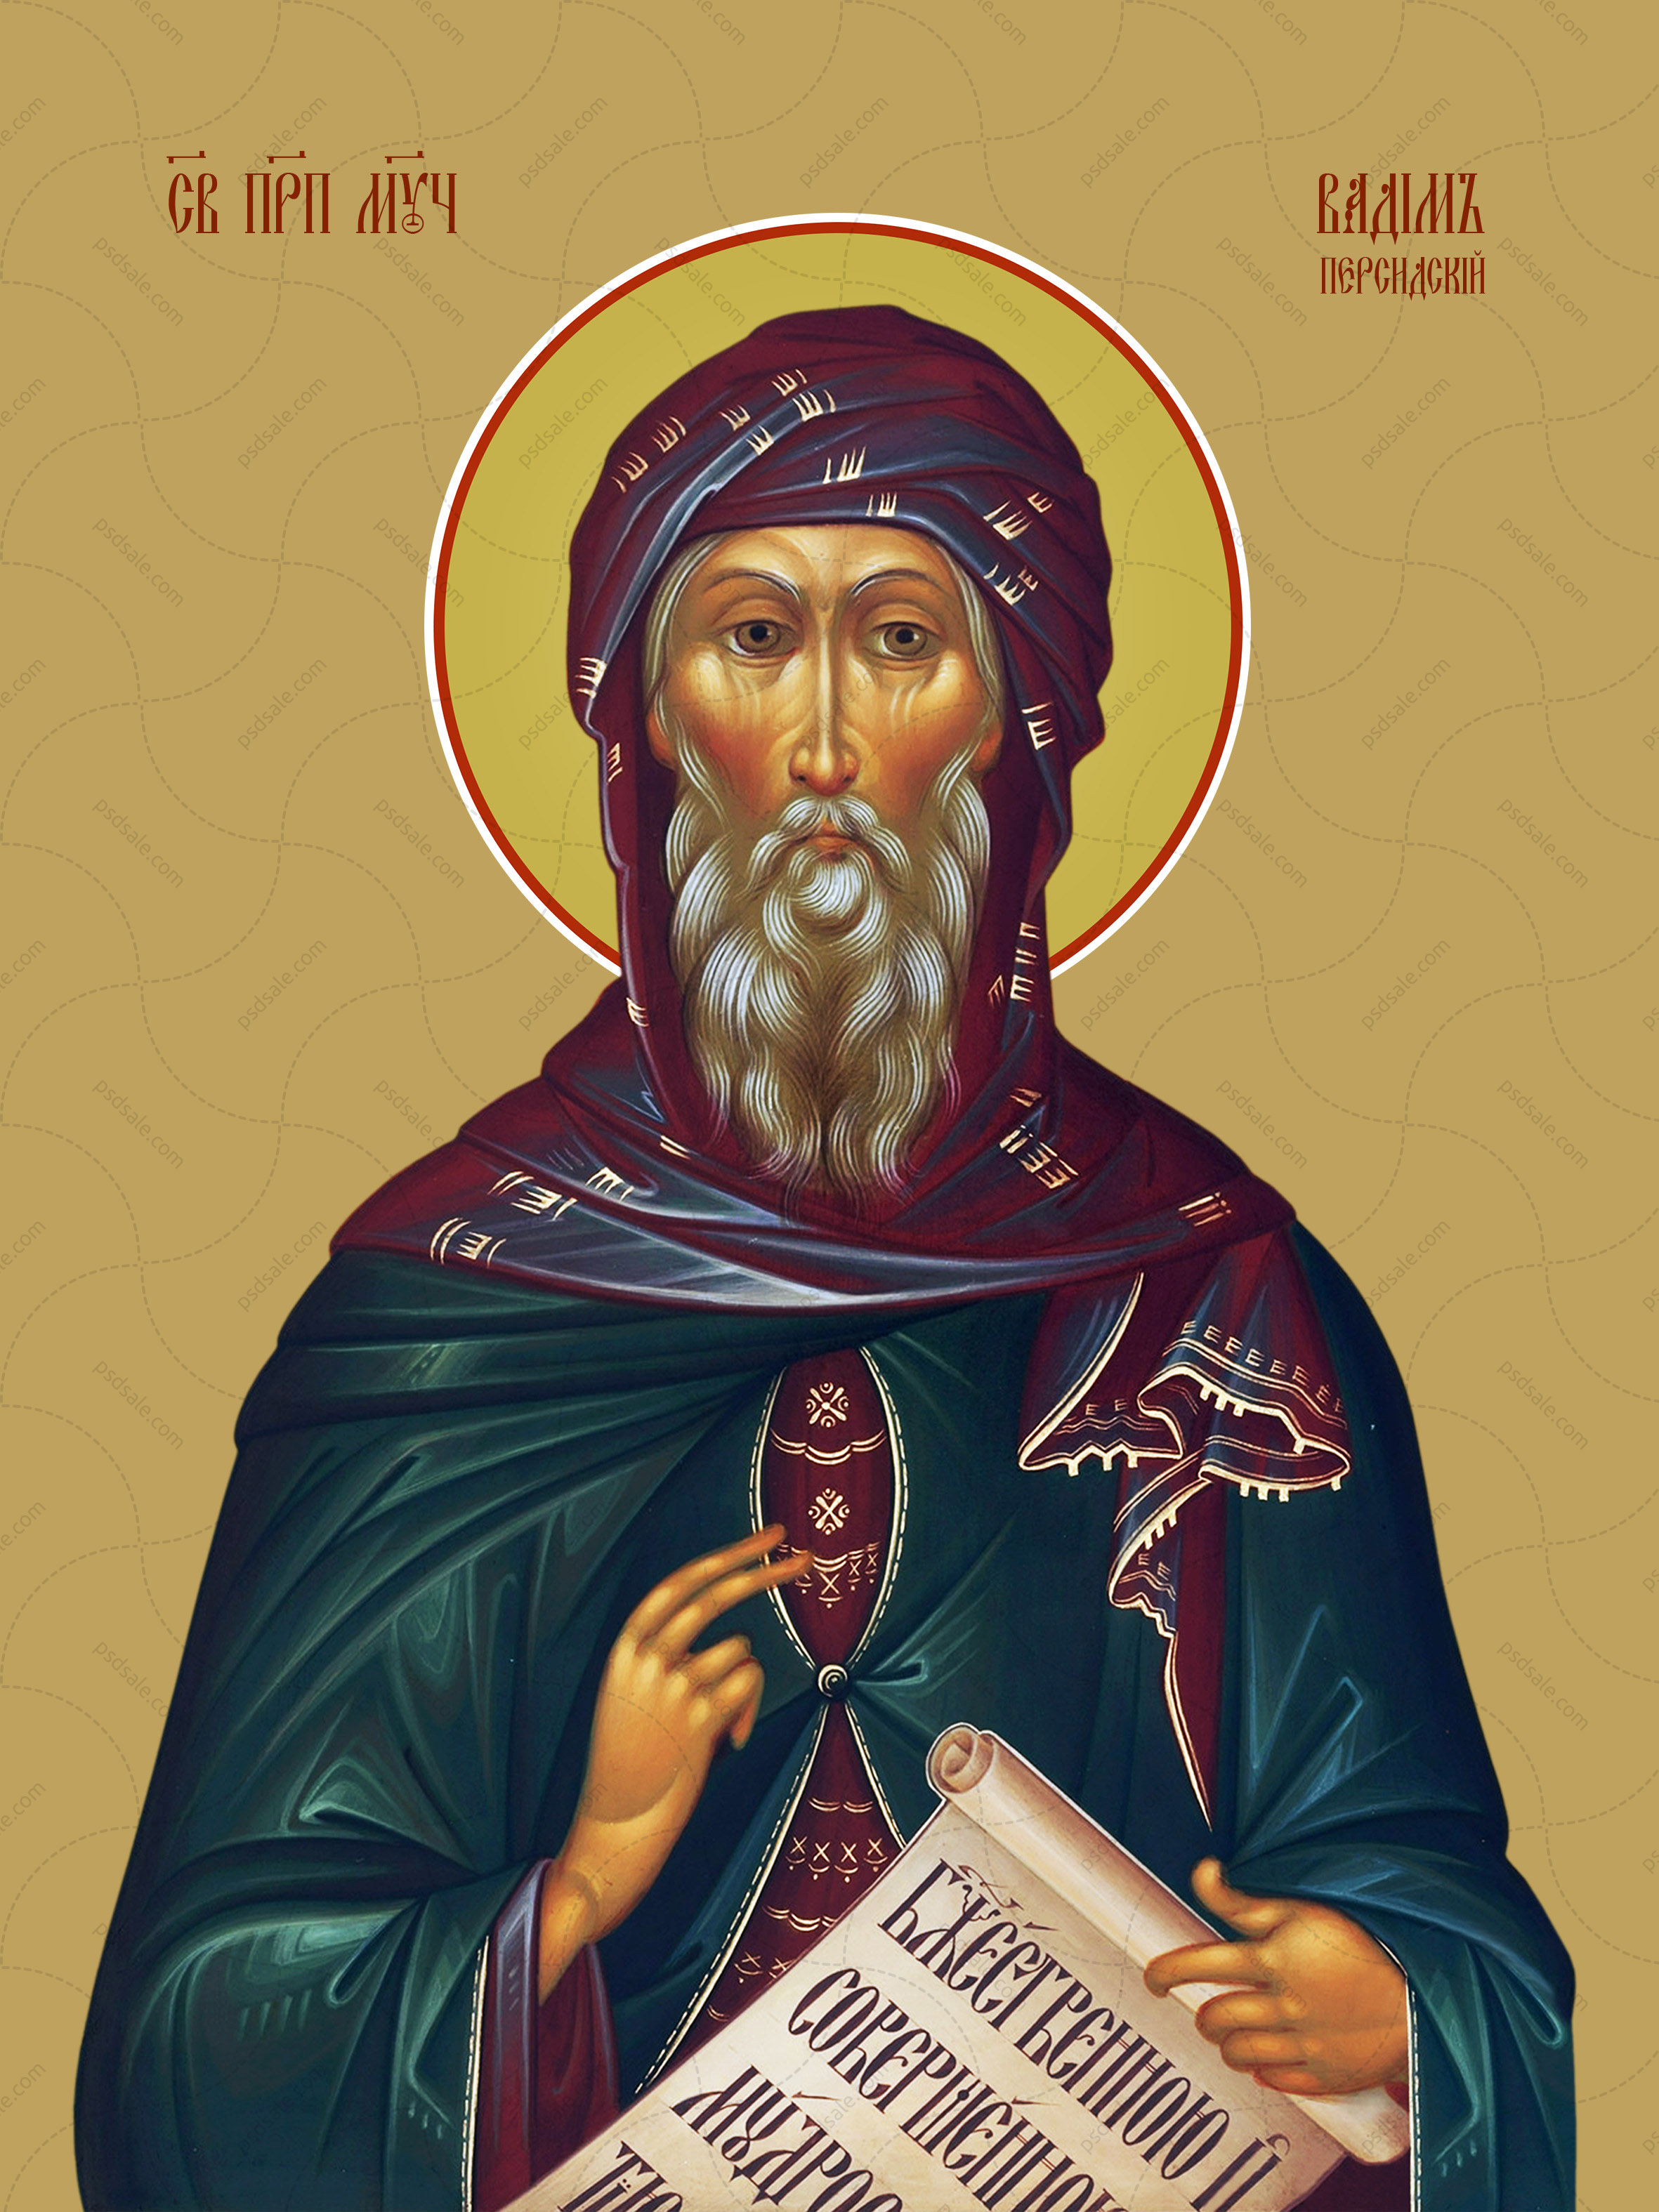 Вадим Персидский, святой